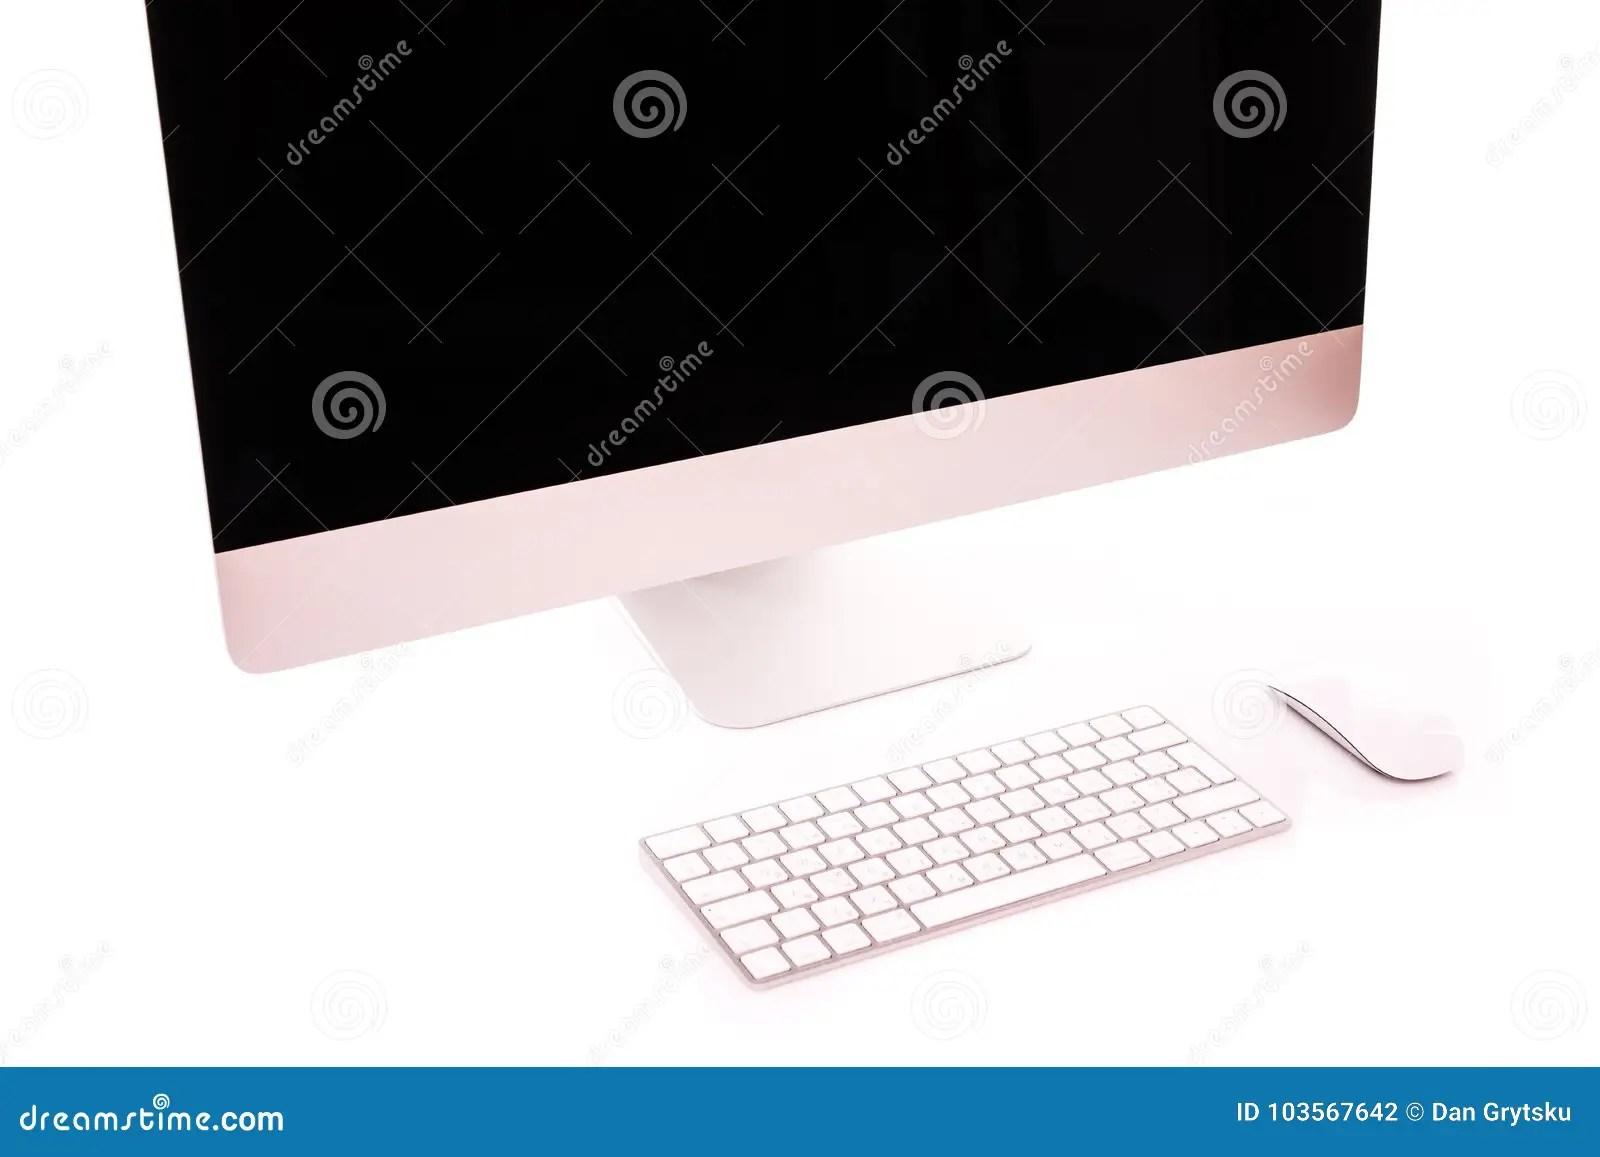 https fr dreamstime com pc bureau ordinateur d isolement fond blanc image103567642